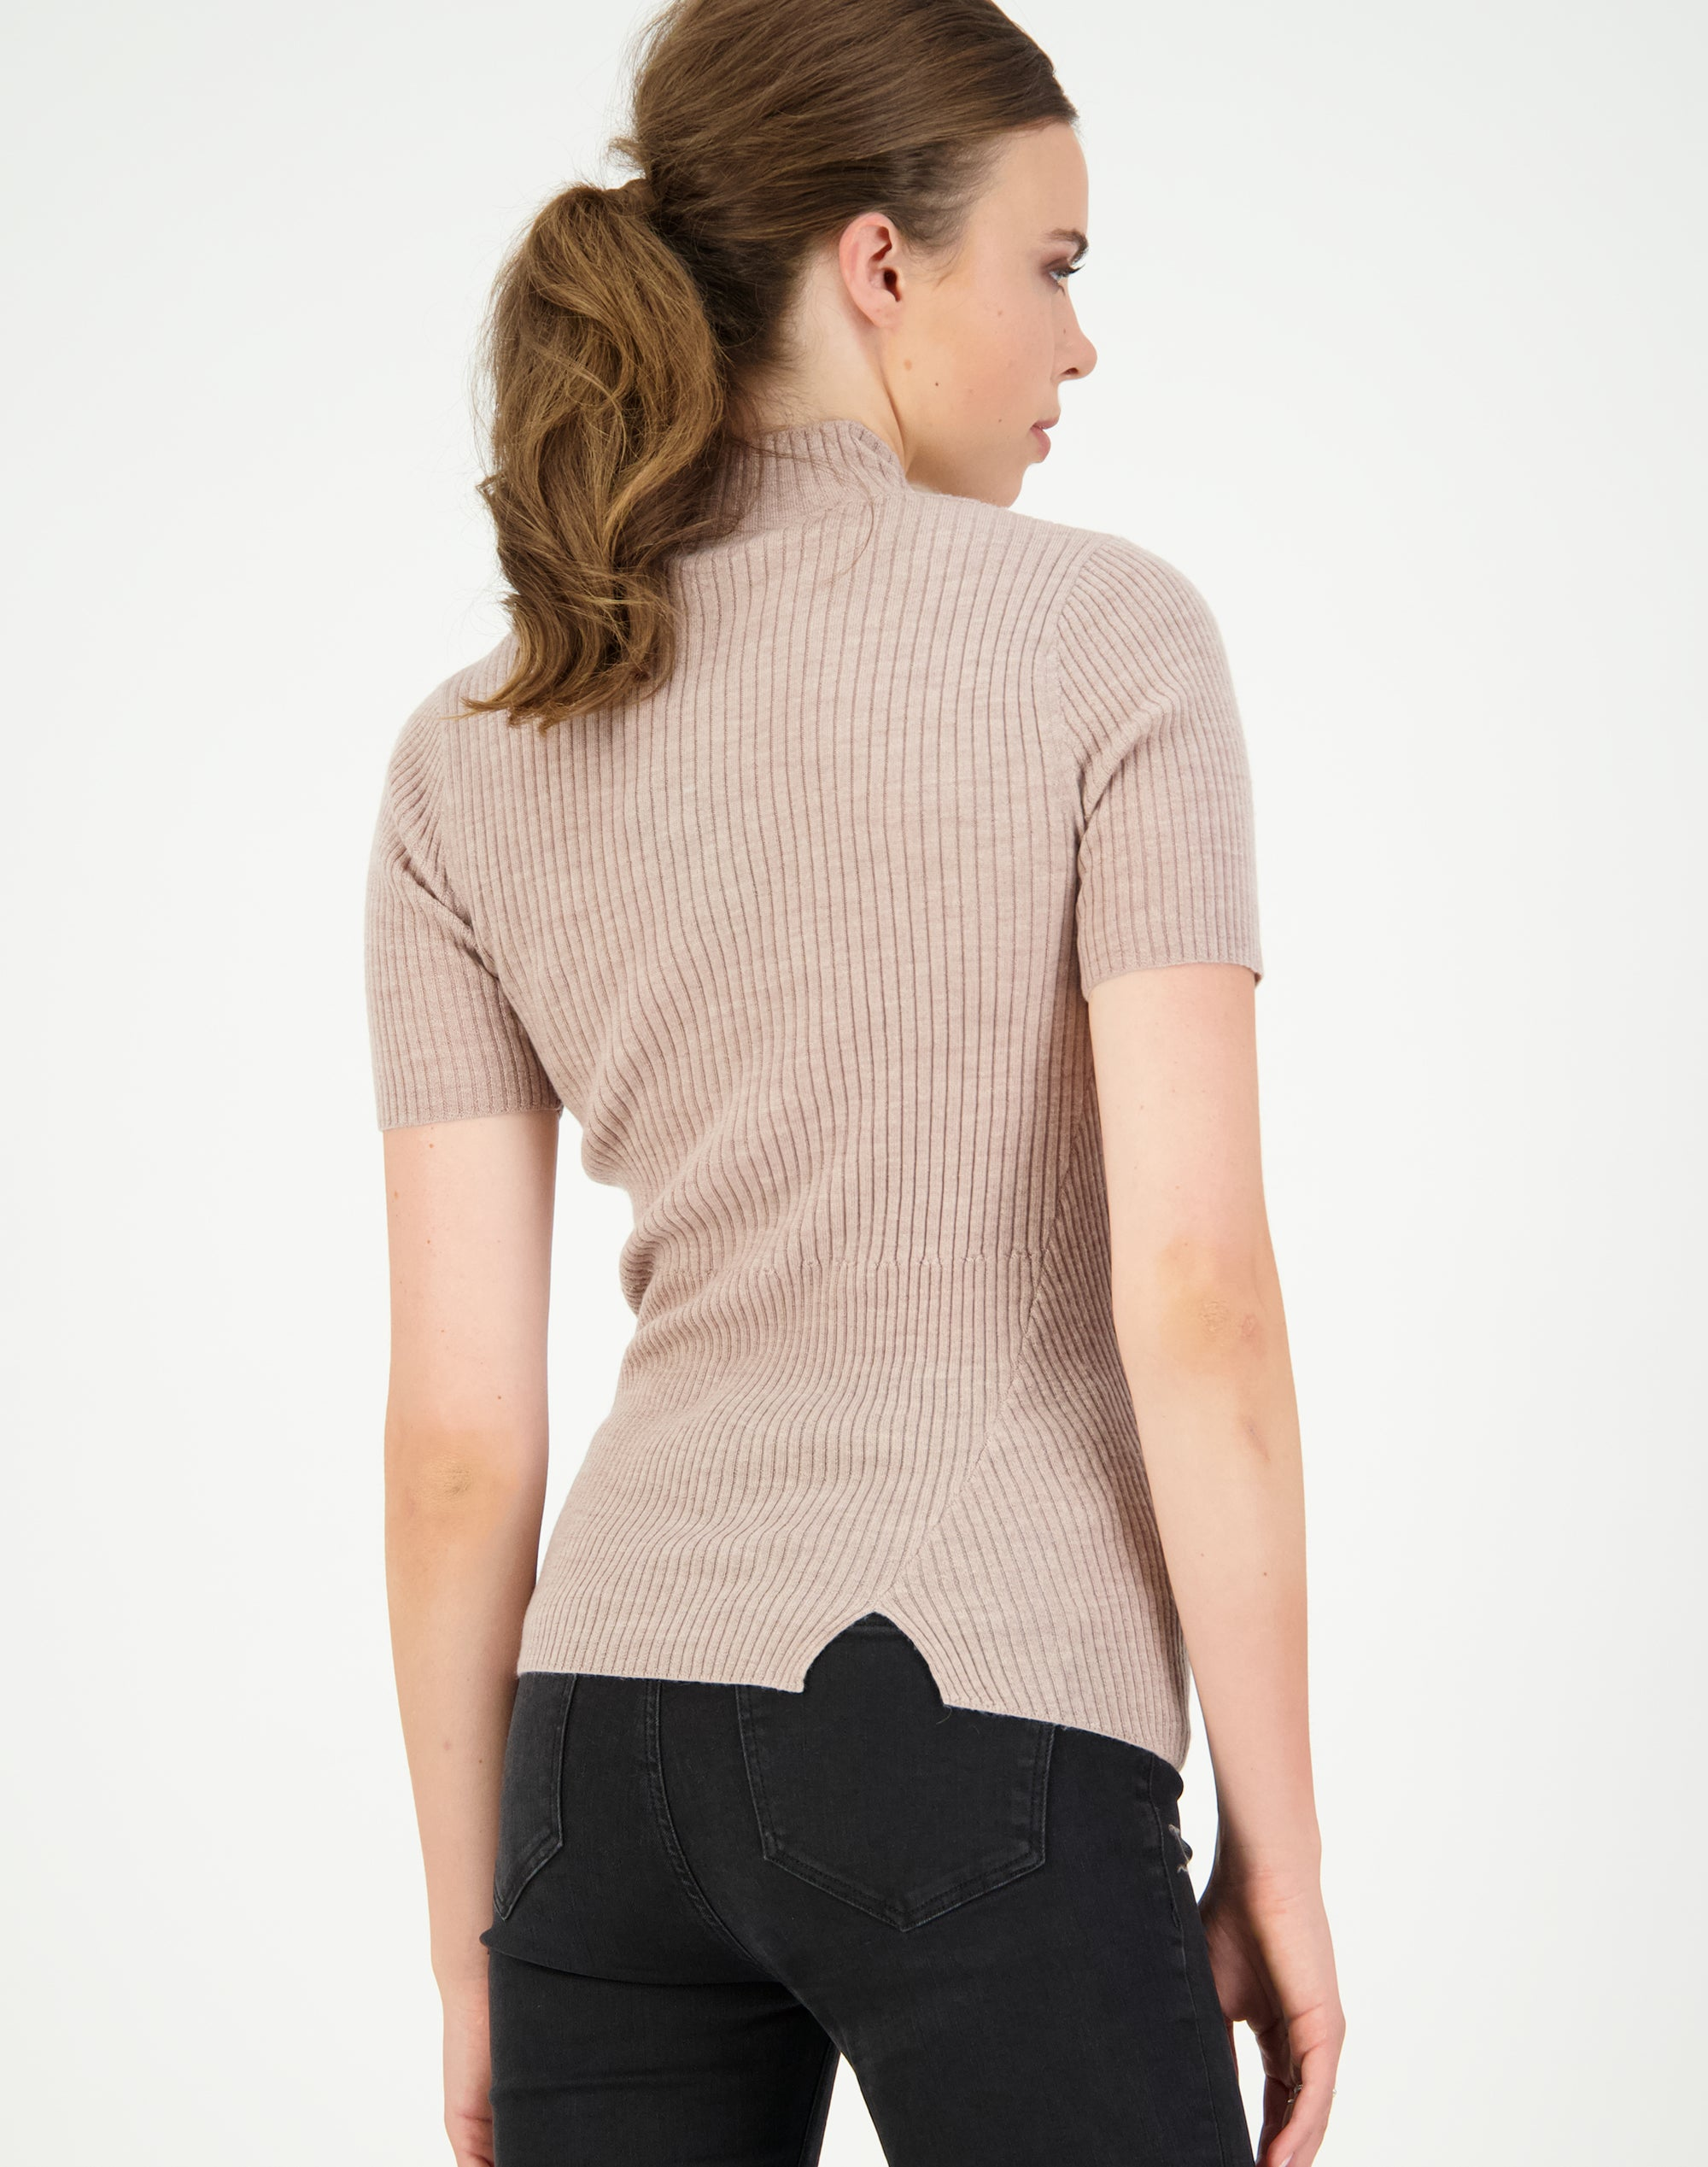 Neworder Merino Sweater